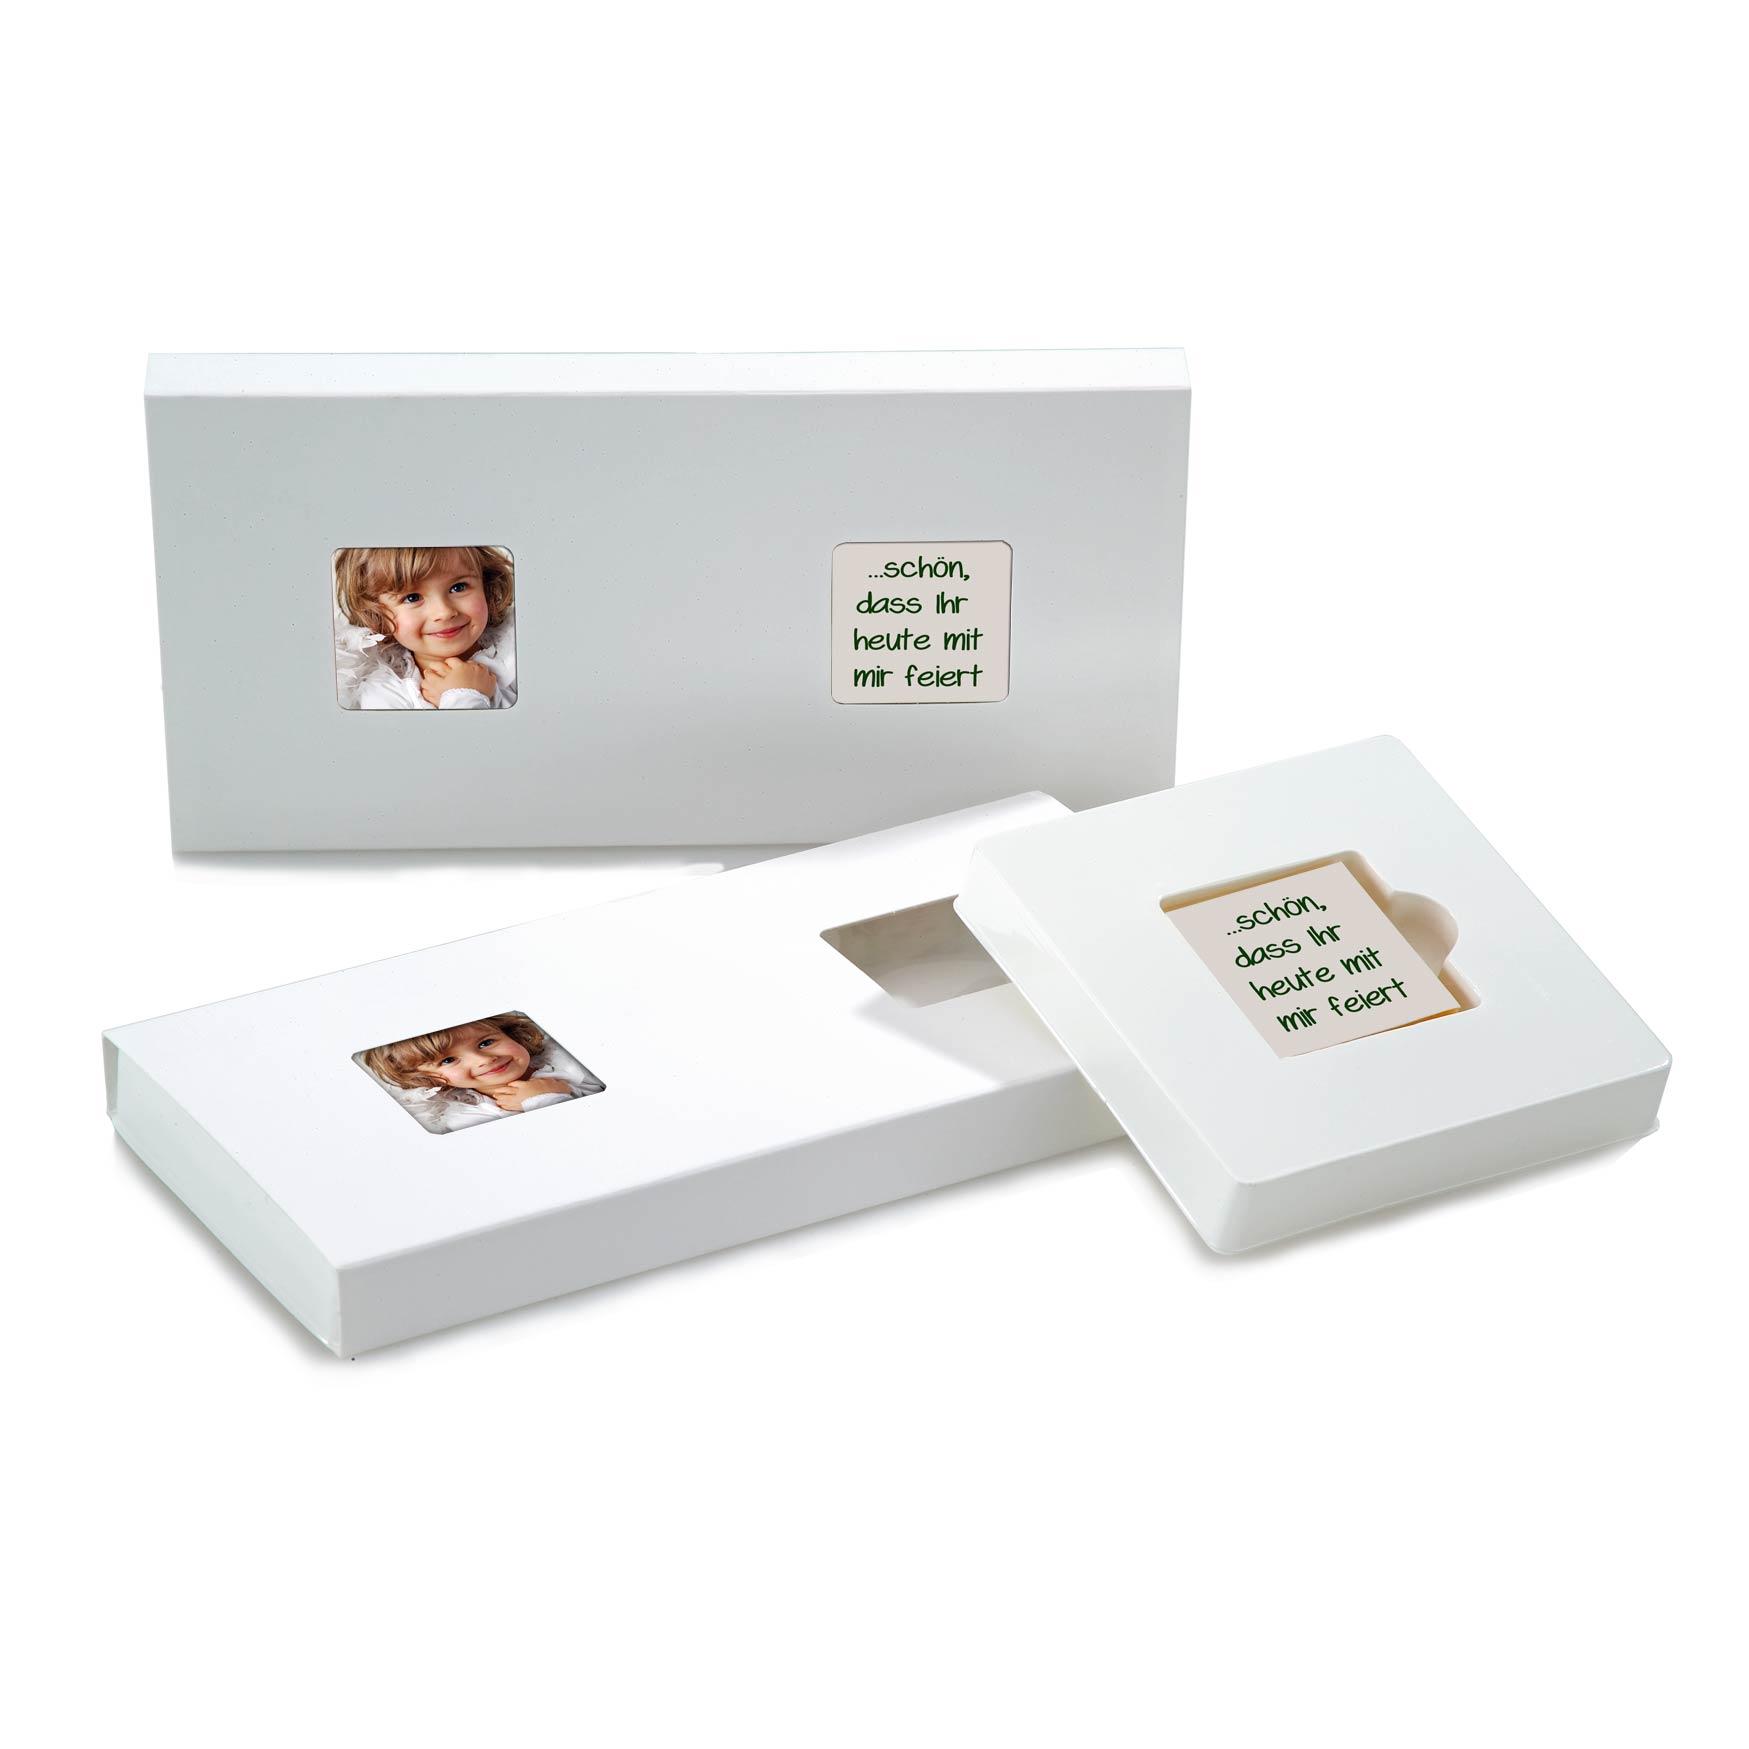 16 x 2 bedruckte Fotokekse in Kartonage mit Sichtfenster